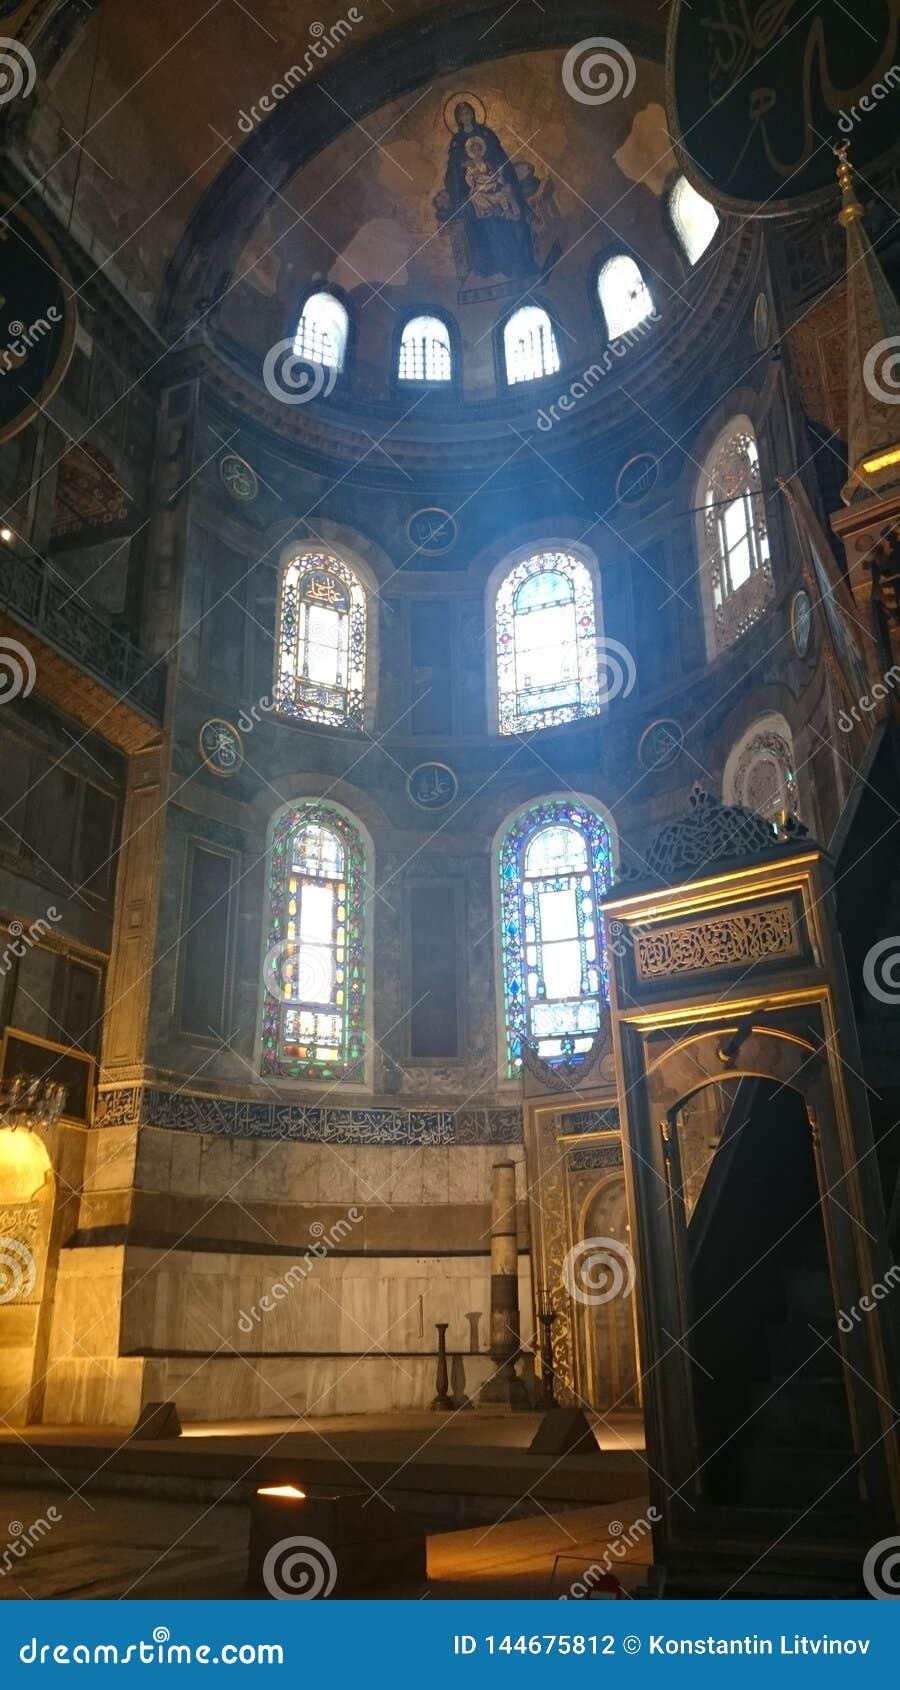 Εσωτερικό της Sophia Hagia στη Ιστανμπούλ Τουρκία - υπόβαθρο αρχιτεκτονικής